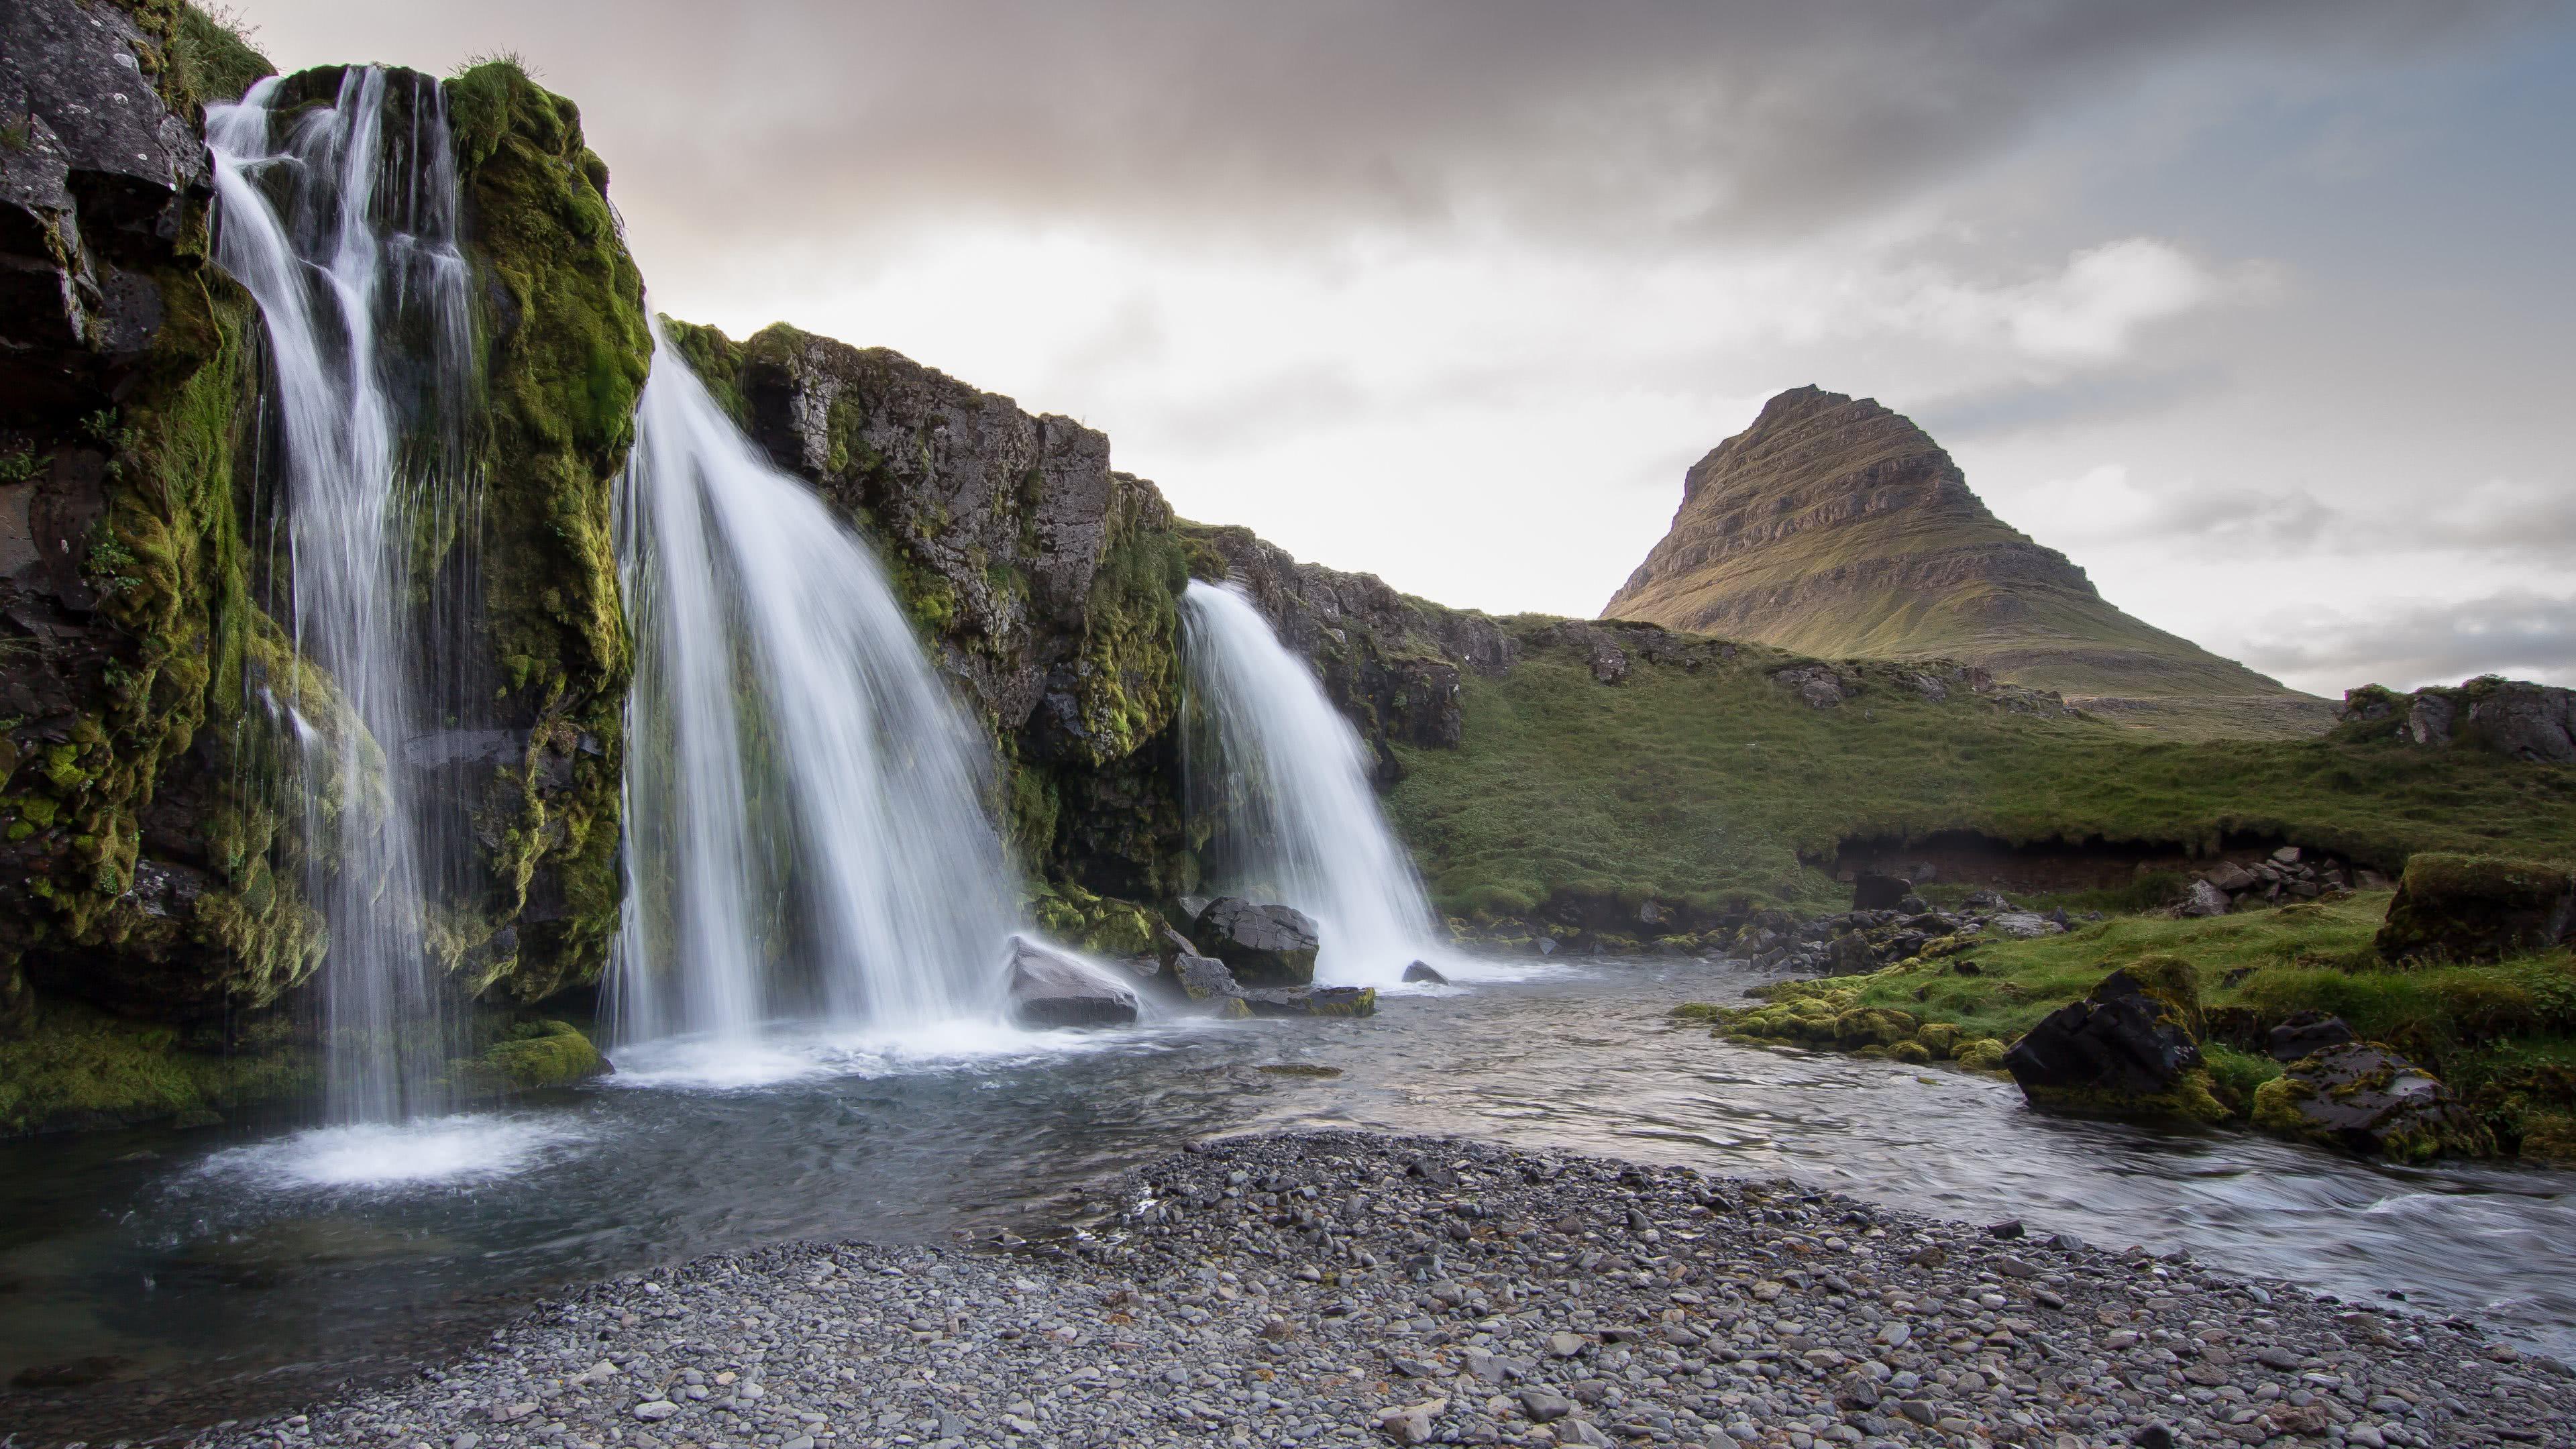 Wallpaper Fall Weather Iceland Waterfall Kirkjufell Mountain Uhd 4k Wallpaper